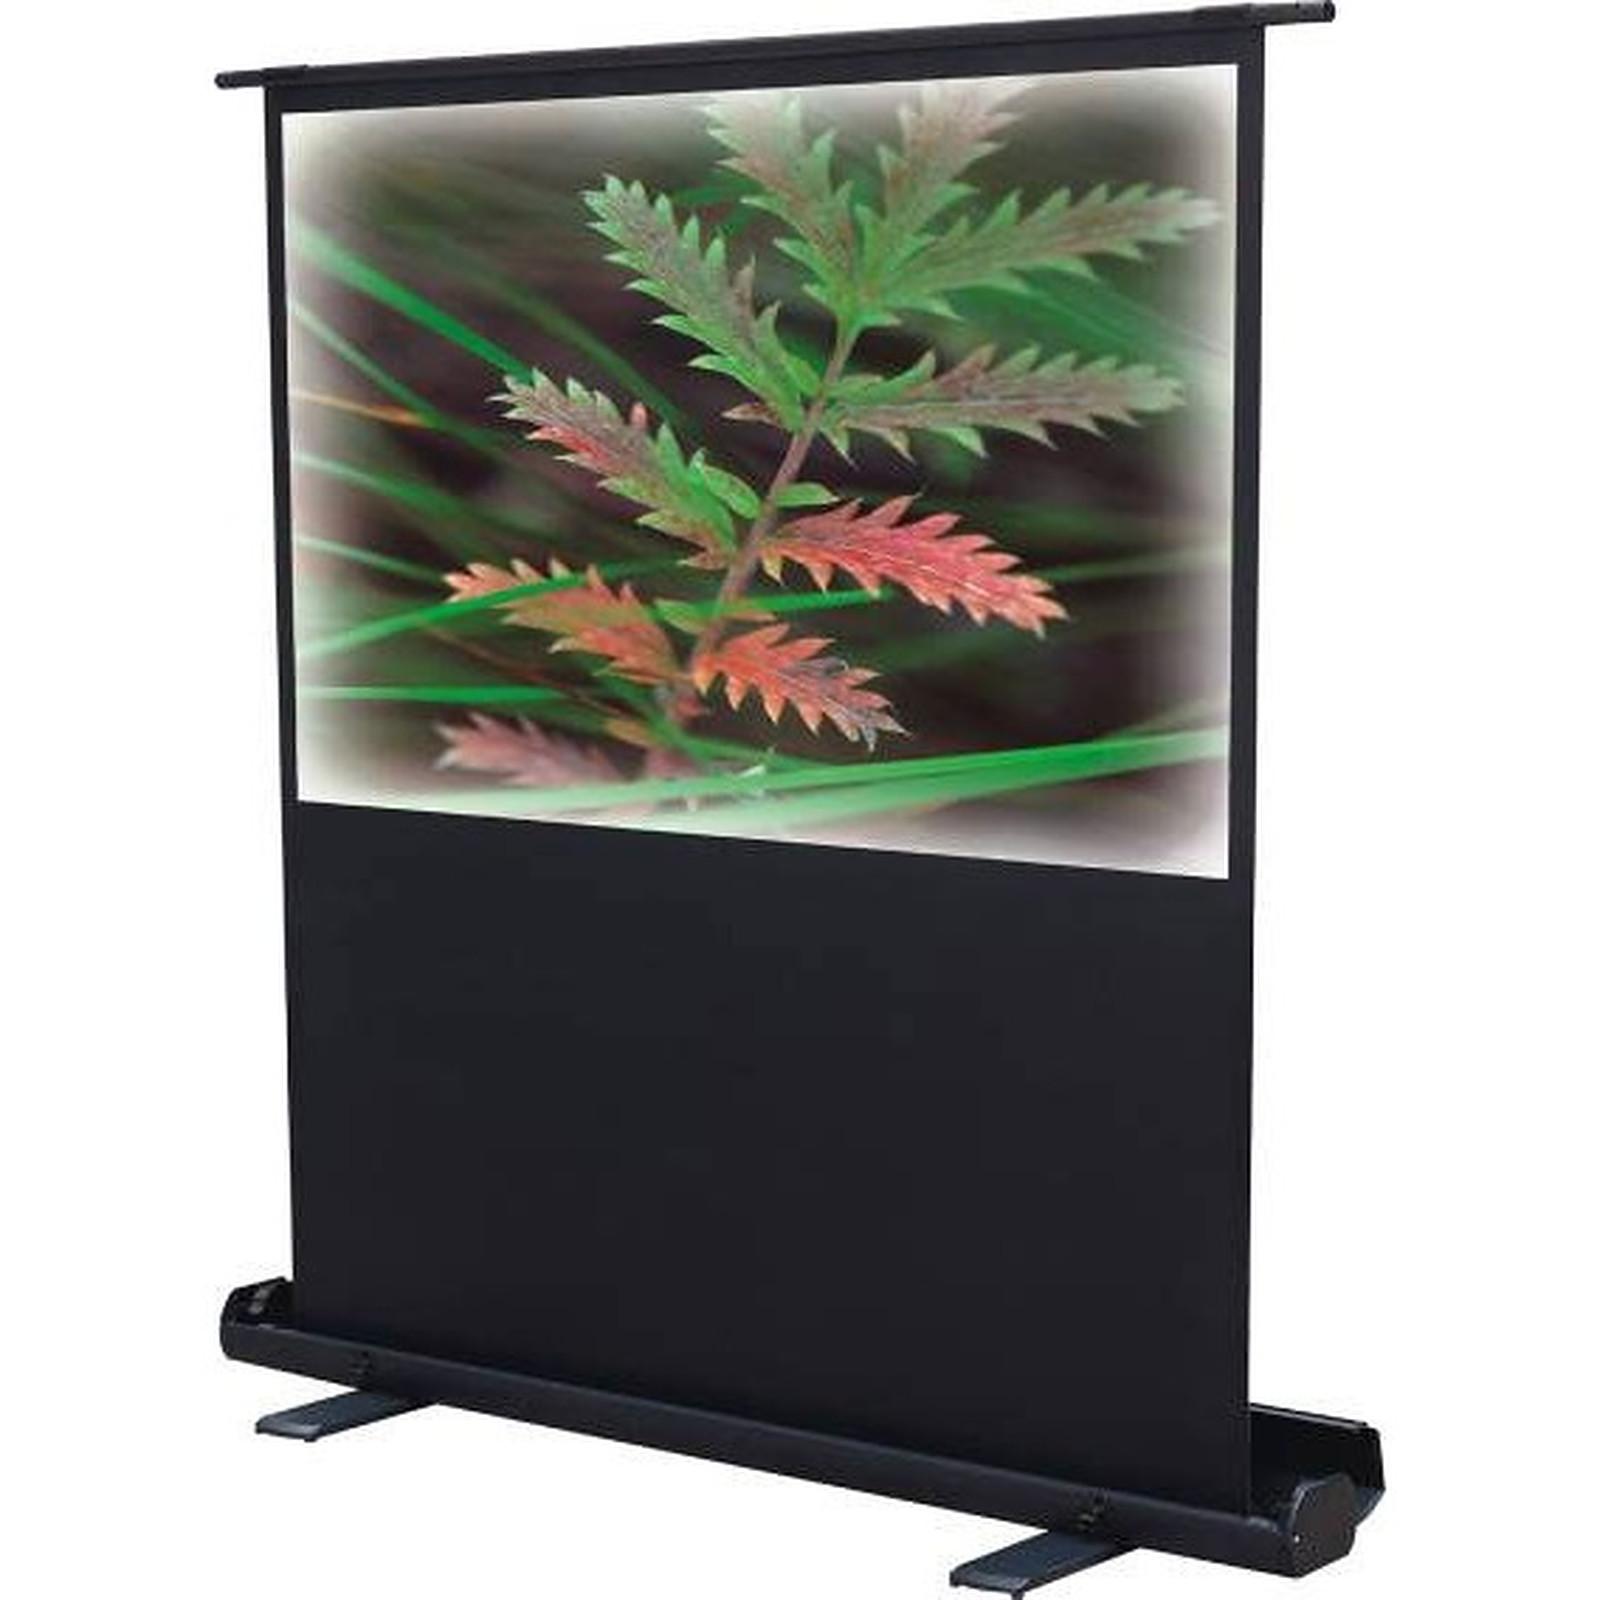 LDLC Ecran portable manuel - Format 1:1 - 180 x 180 cm